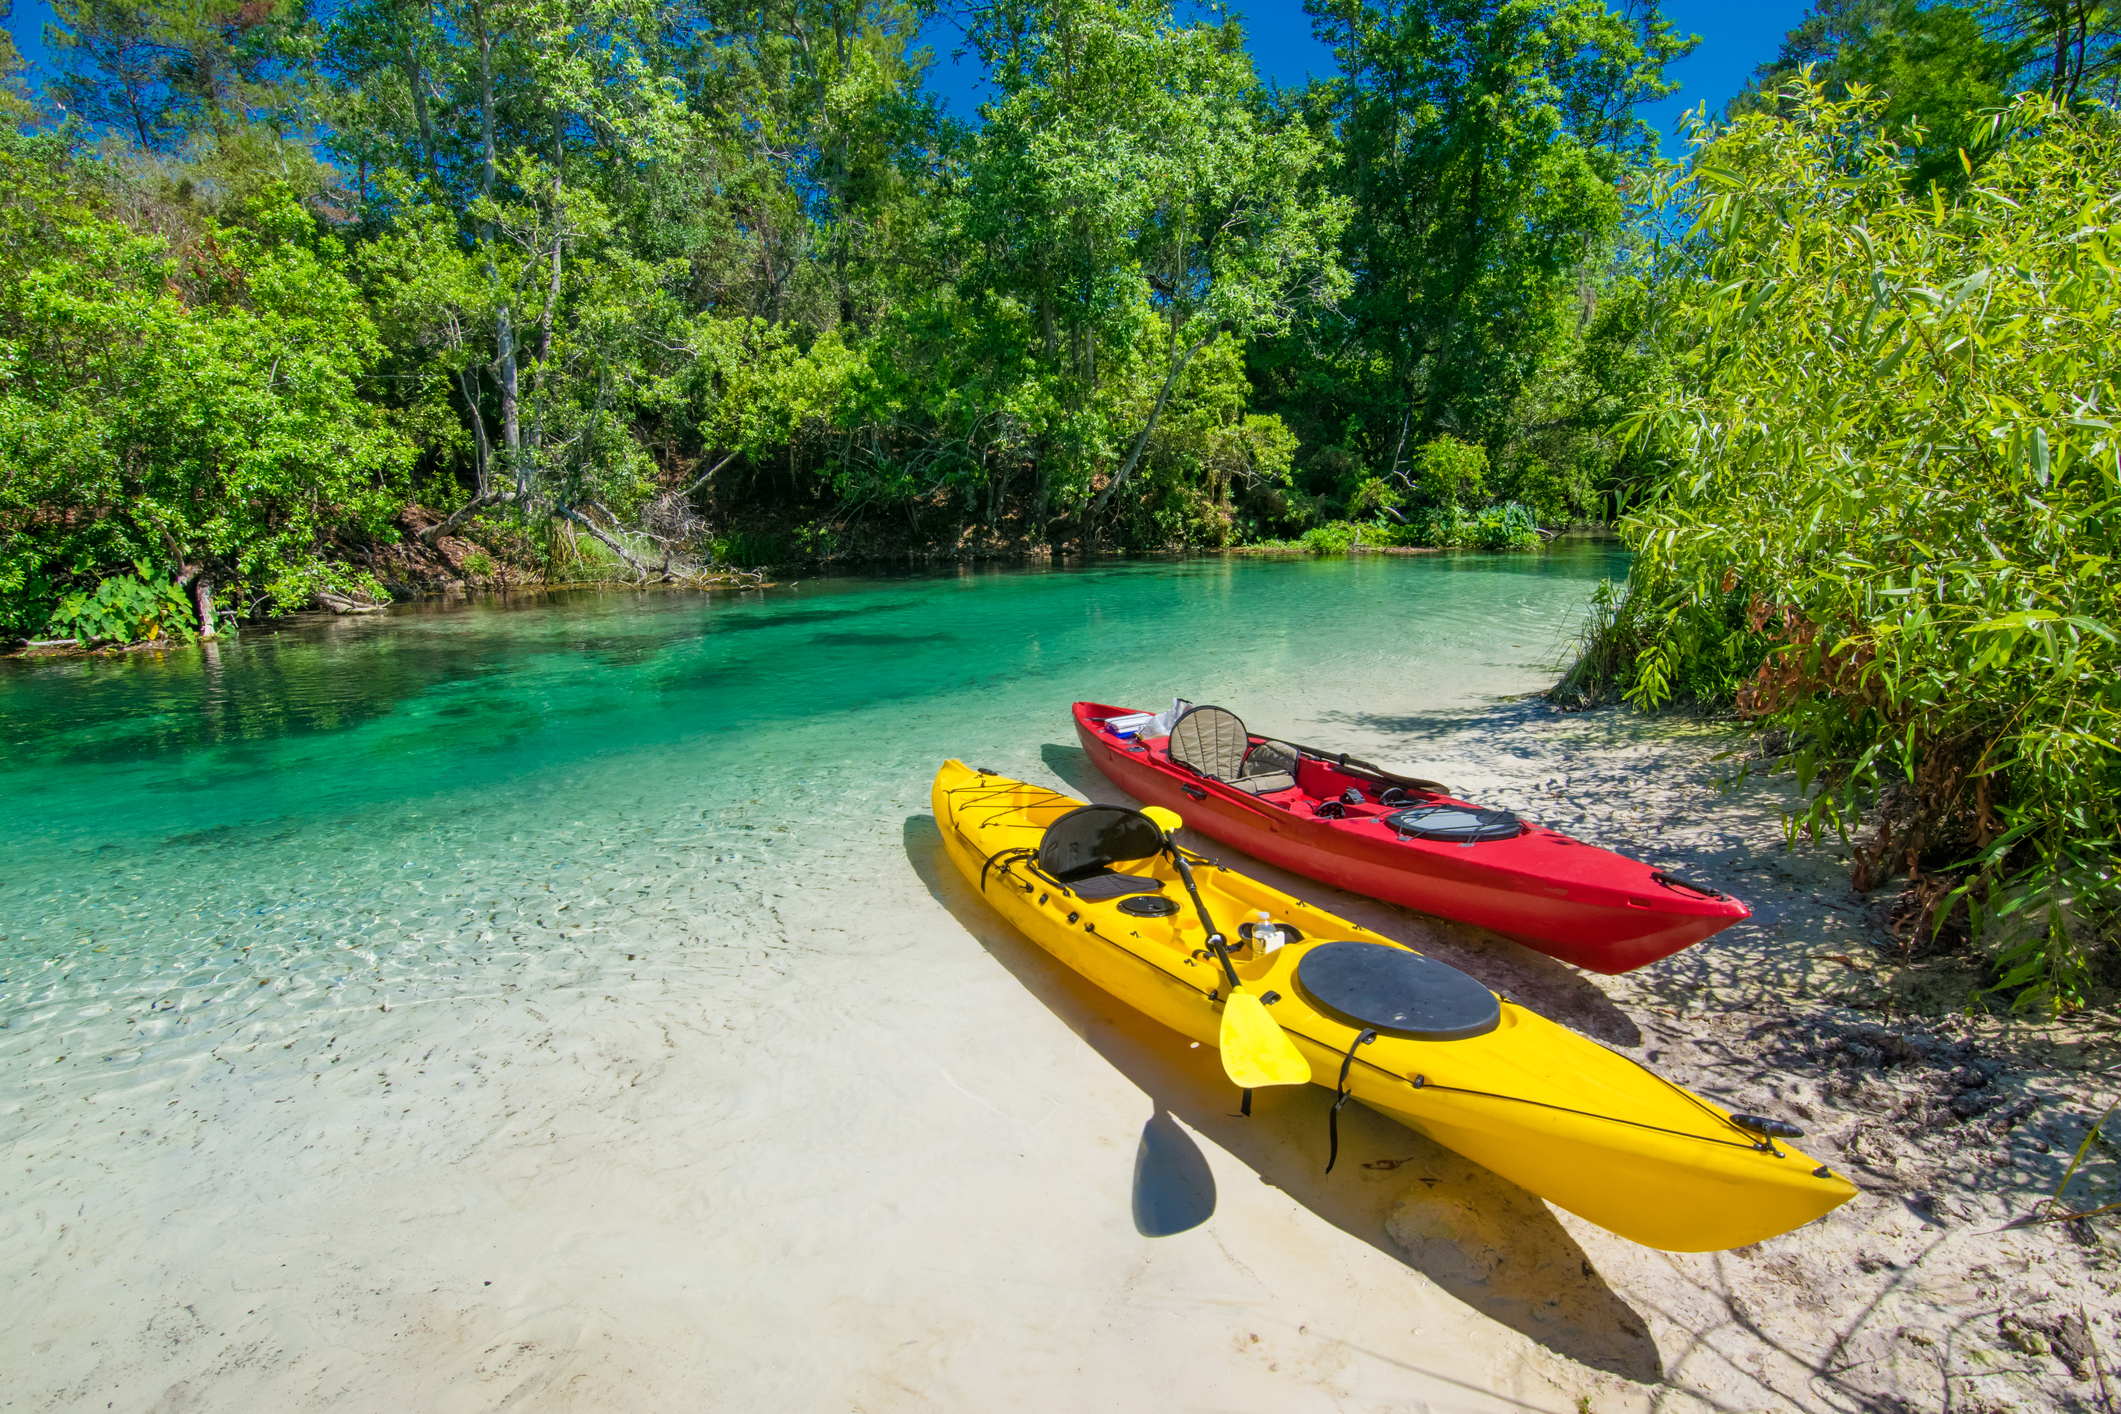 Two Kayaks on Sandy River Bank